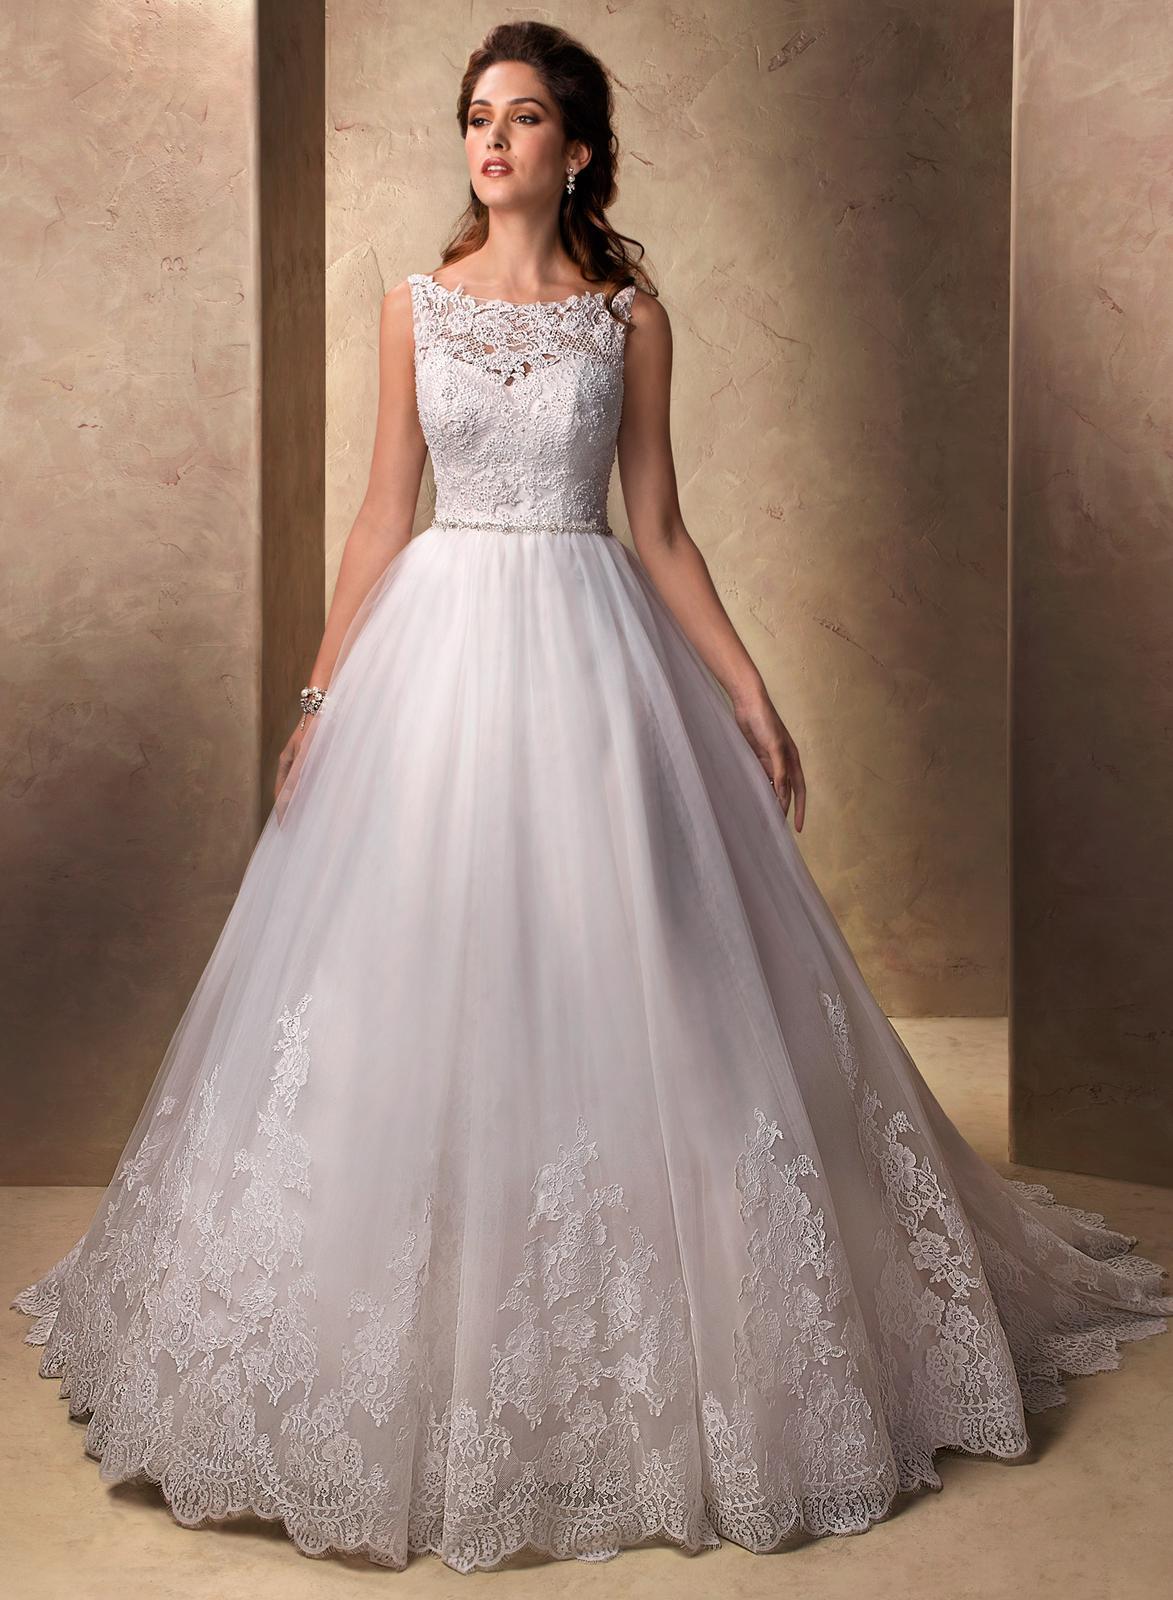 e1592b521a99 Hľadám tieto svadobné šatky - - Svadobné šaty